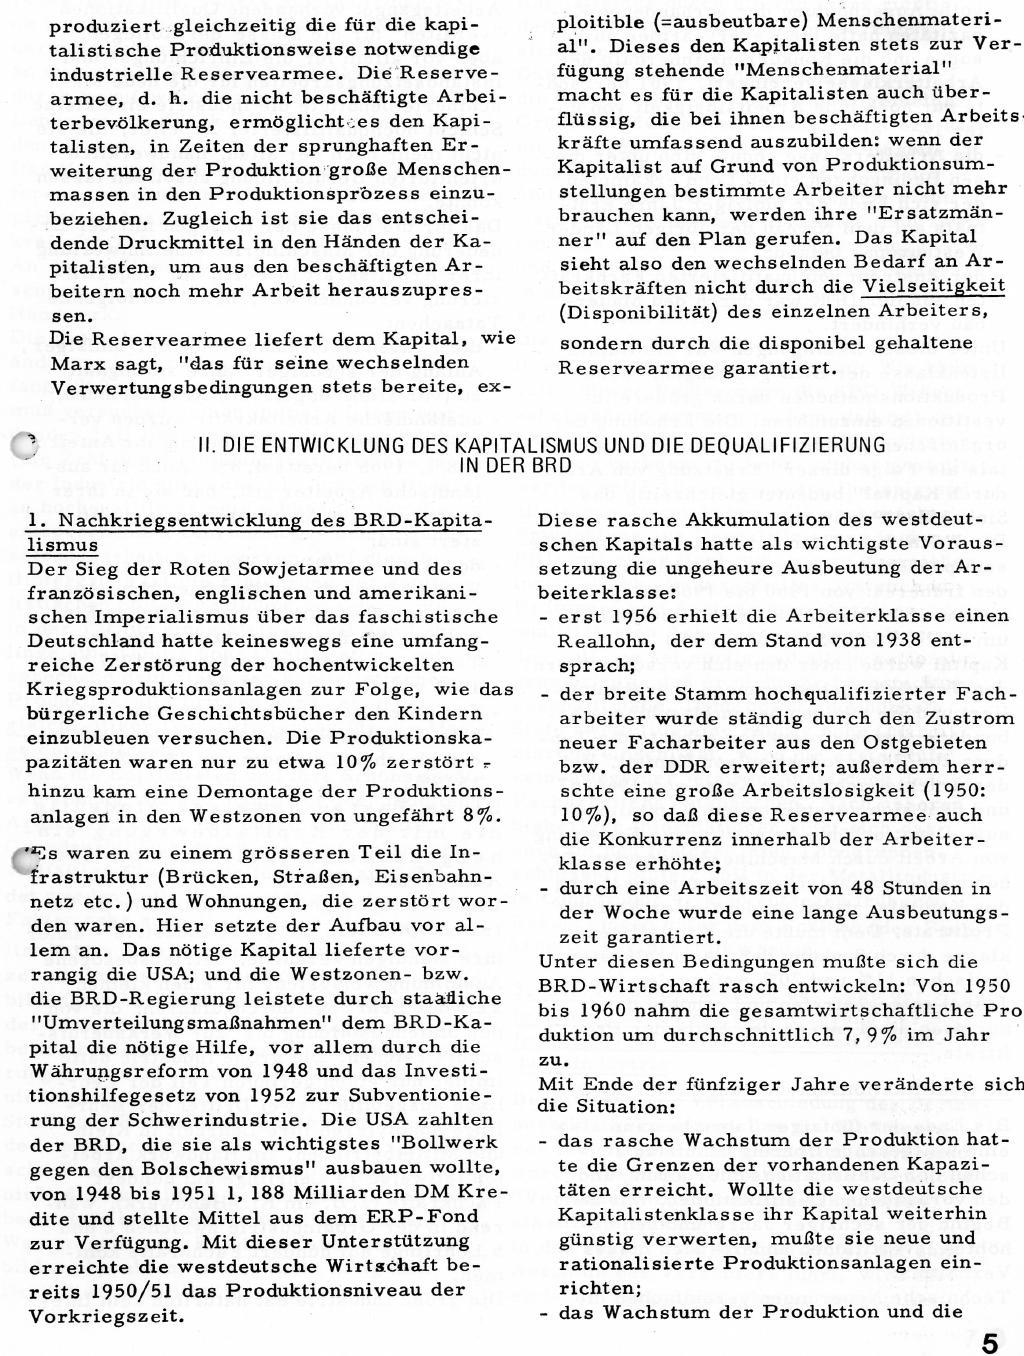 RPK_1973_005_05